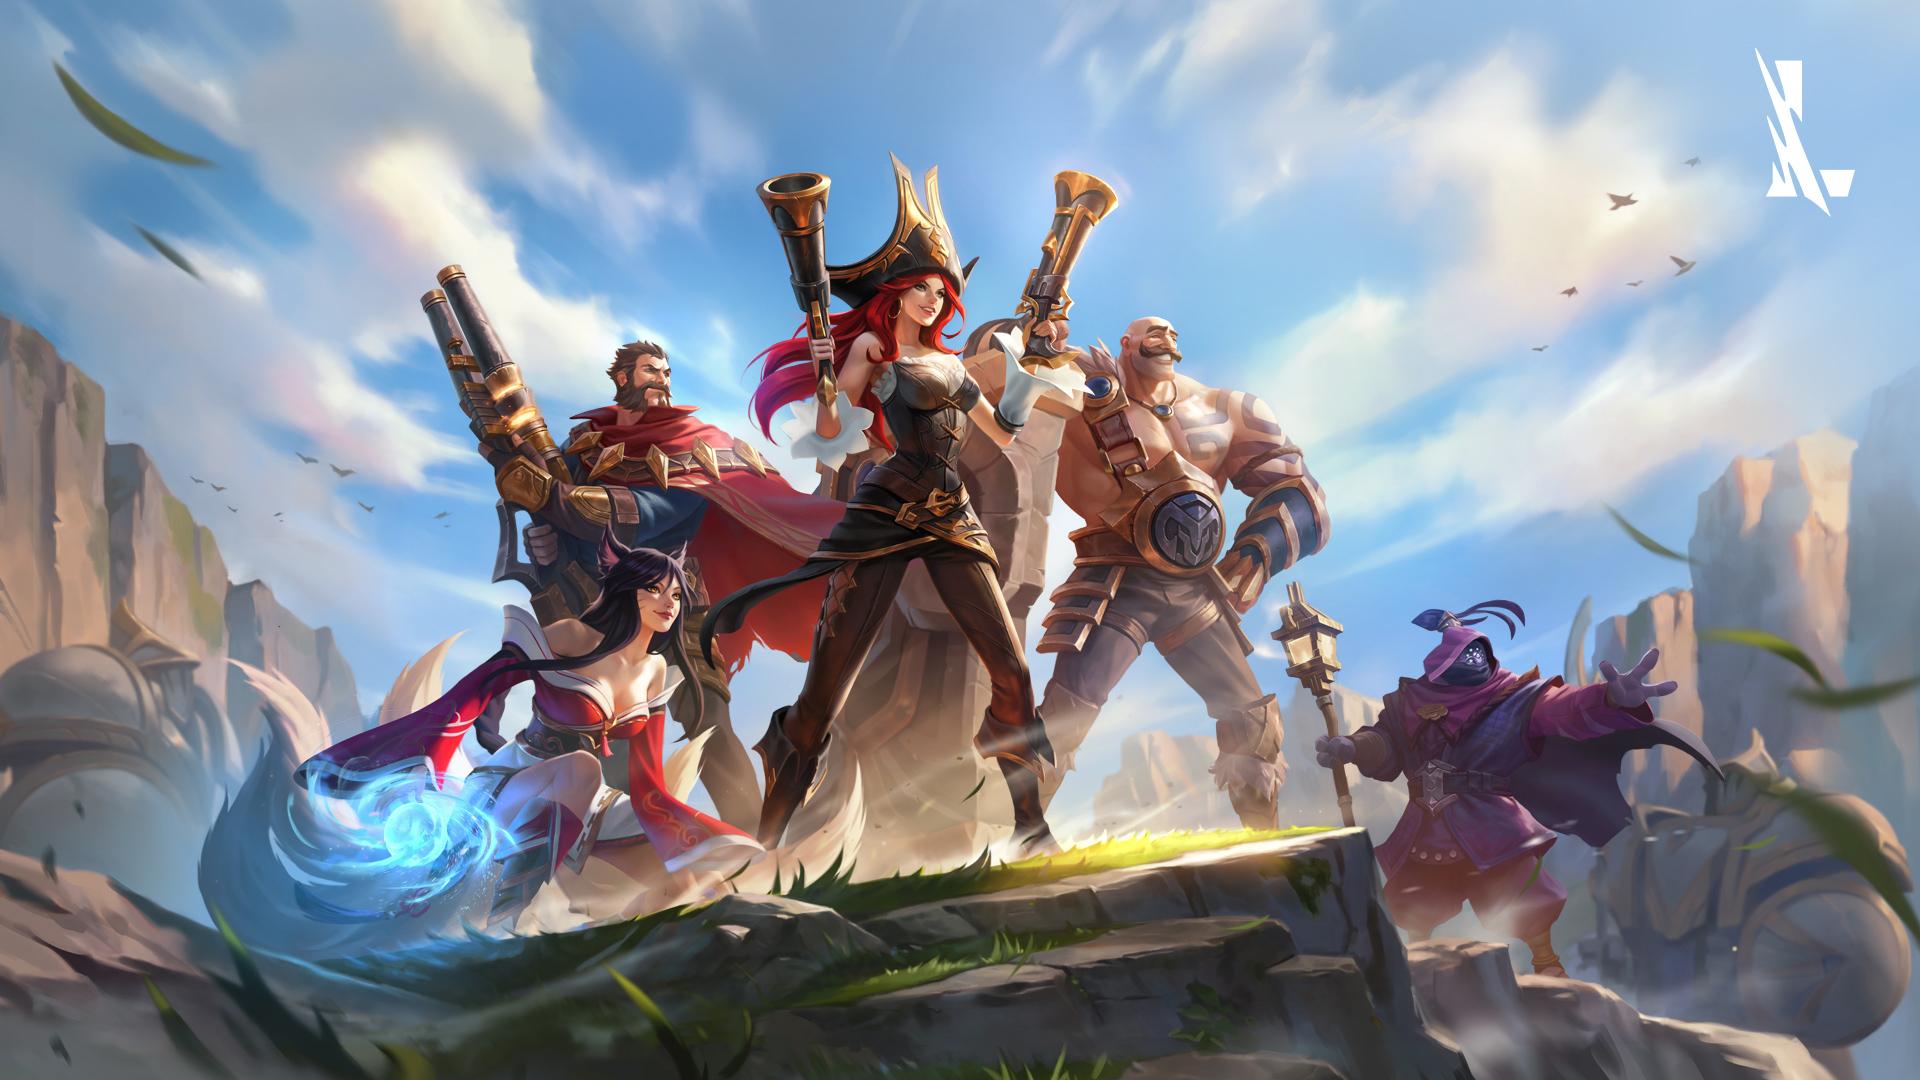 游戏壁纸,英雄联盟,LOL,赏金猎人,阿狸